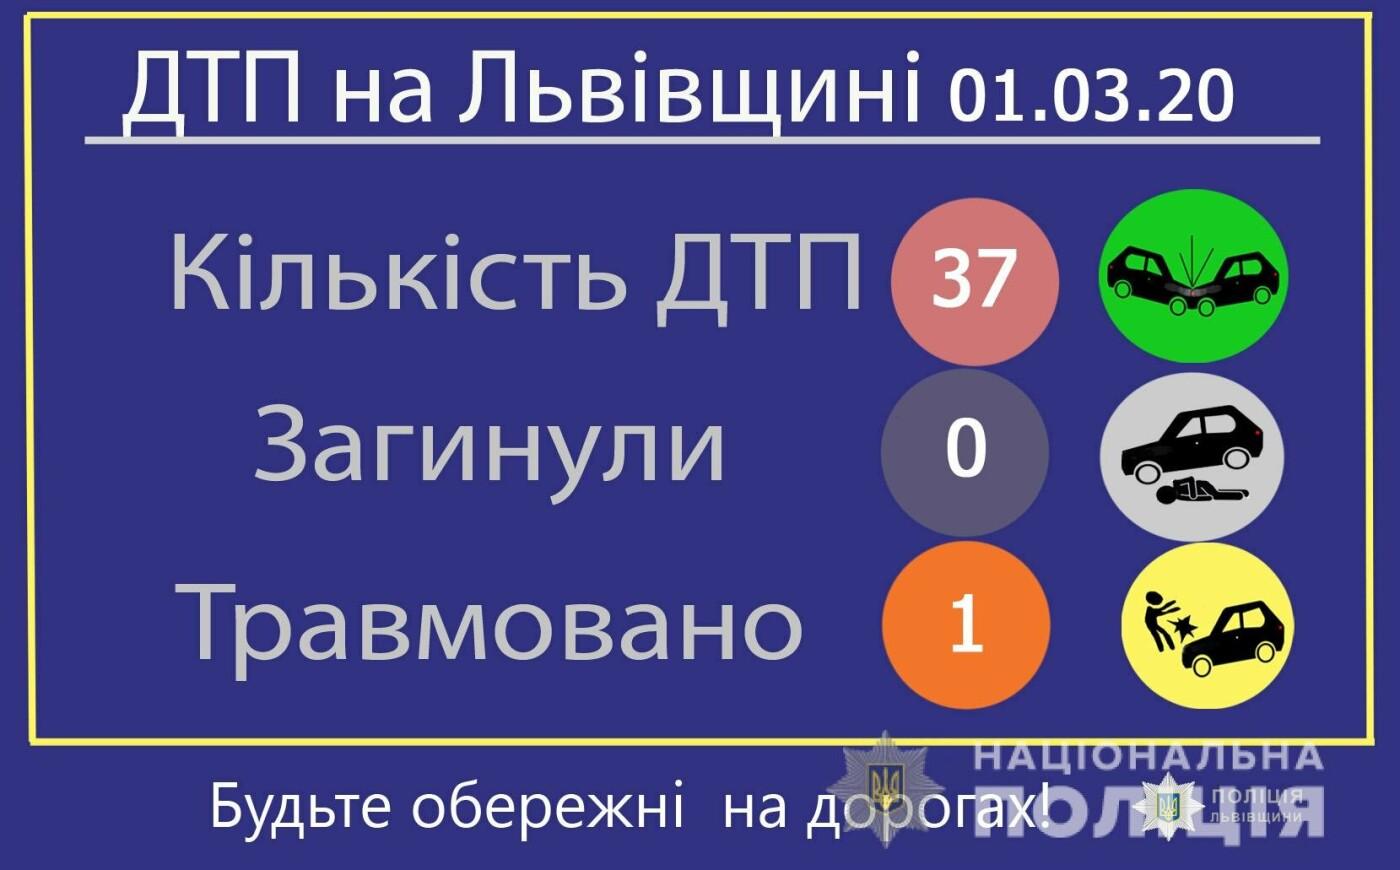 У неділю на автодорогах Львівщини сталось 37 ДТП, фото-1, Відділ комунікації поліції Львівської області